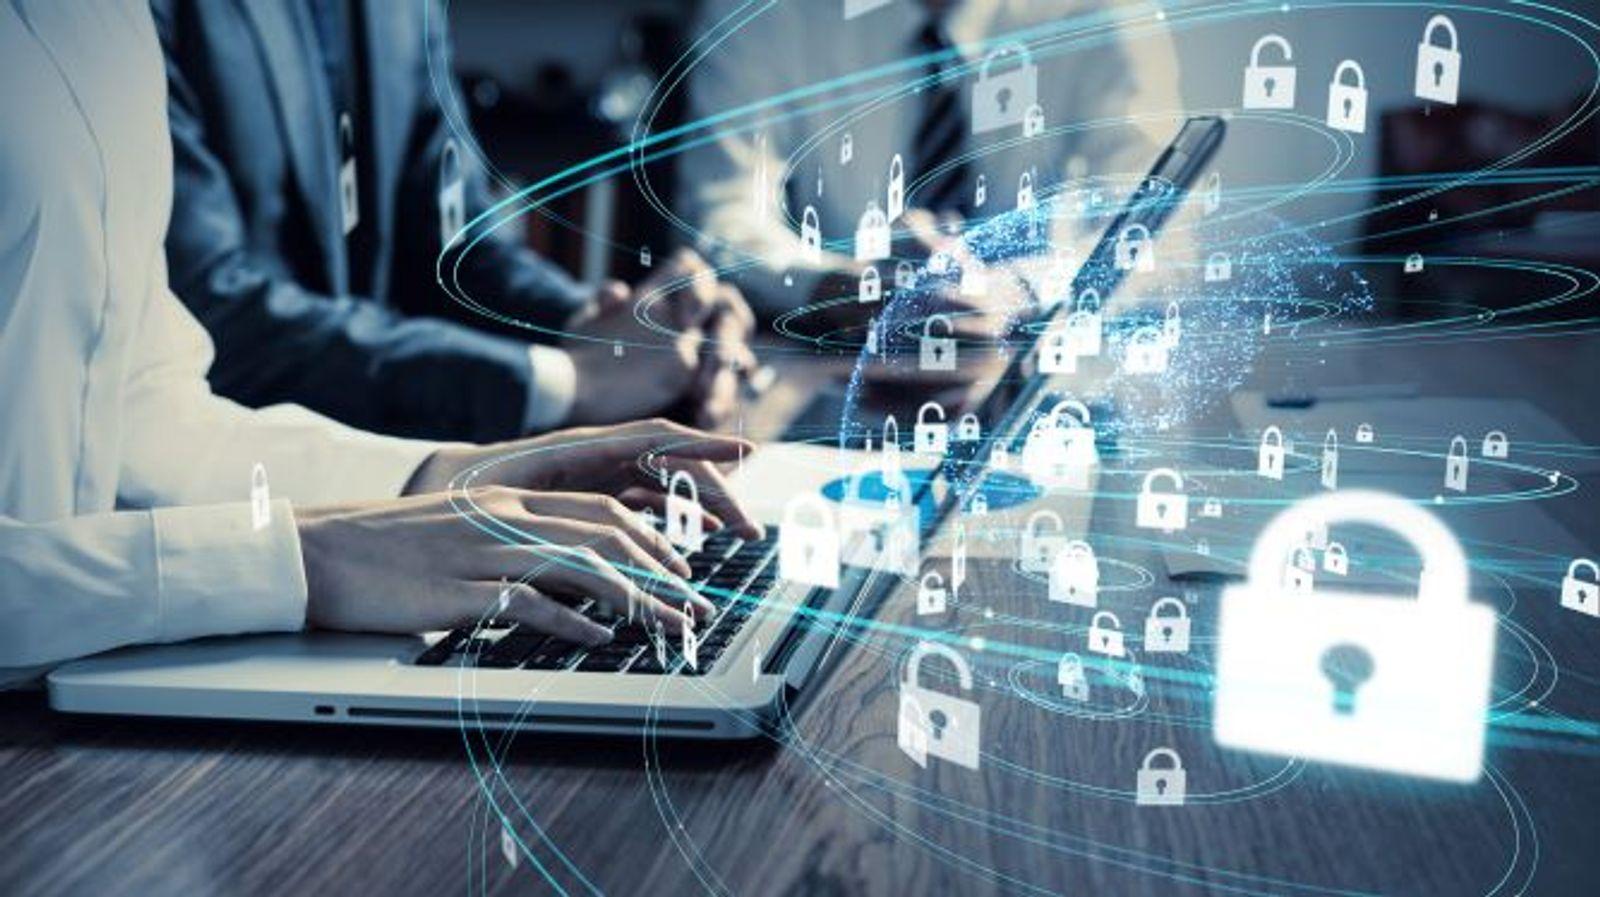 Les Jeudis de la Cybersécurité : collectivités modestes comment vous préparer ? Dispositifs de l'Etat, aides financières, techniques et solutions de proximité